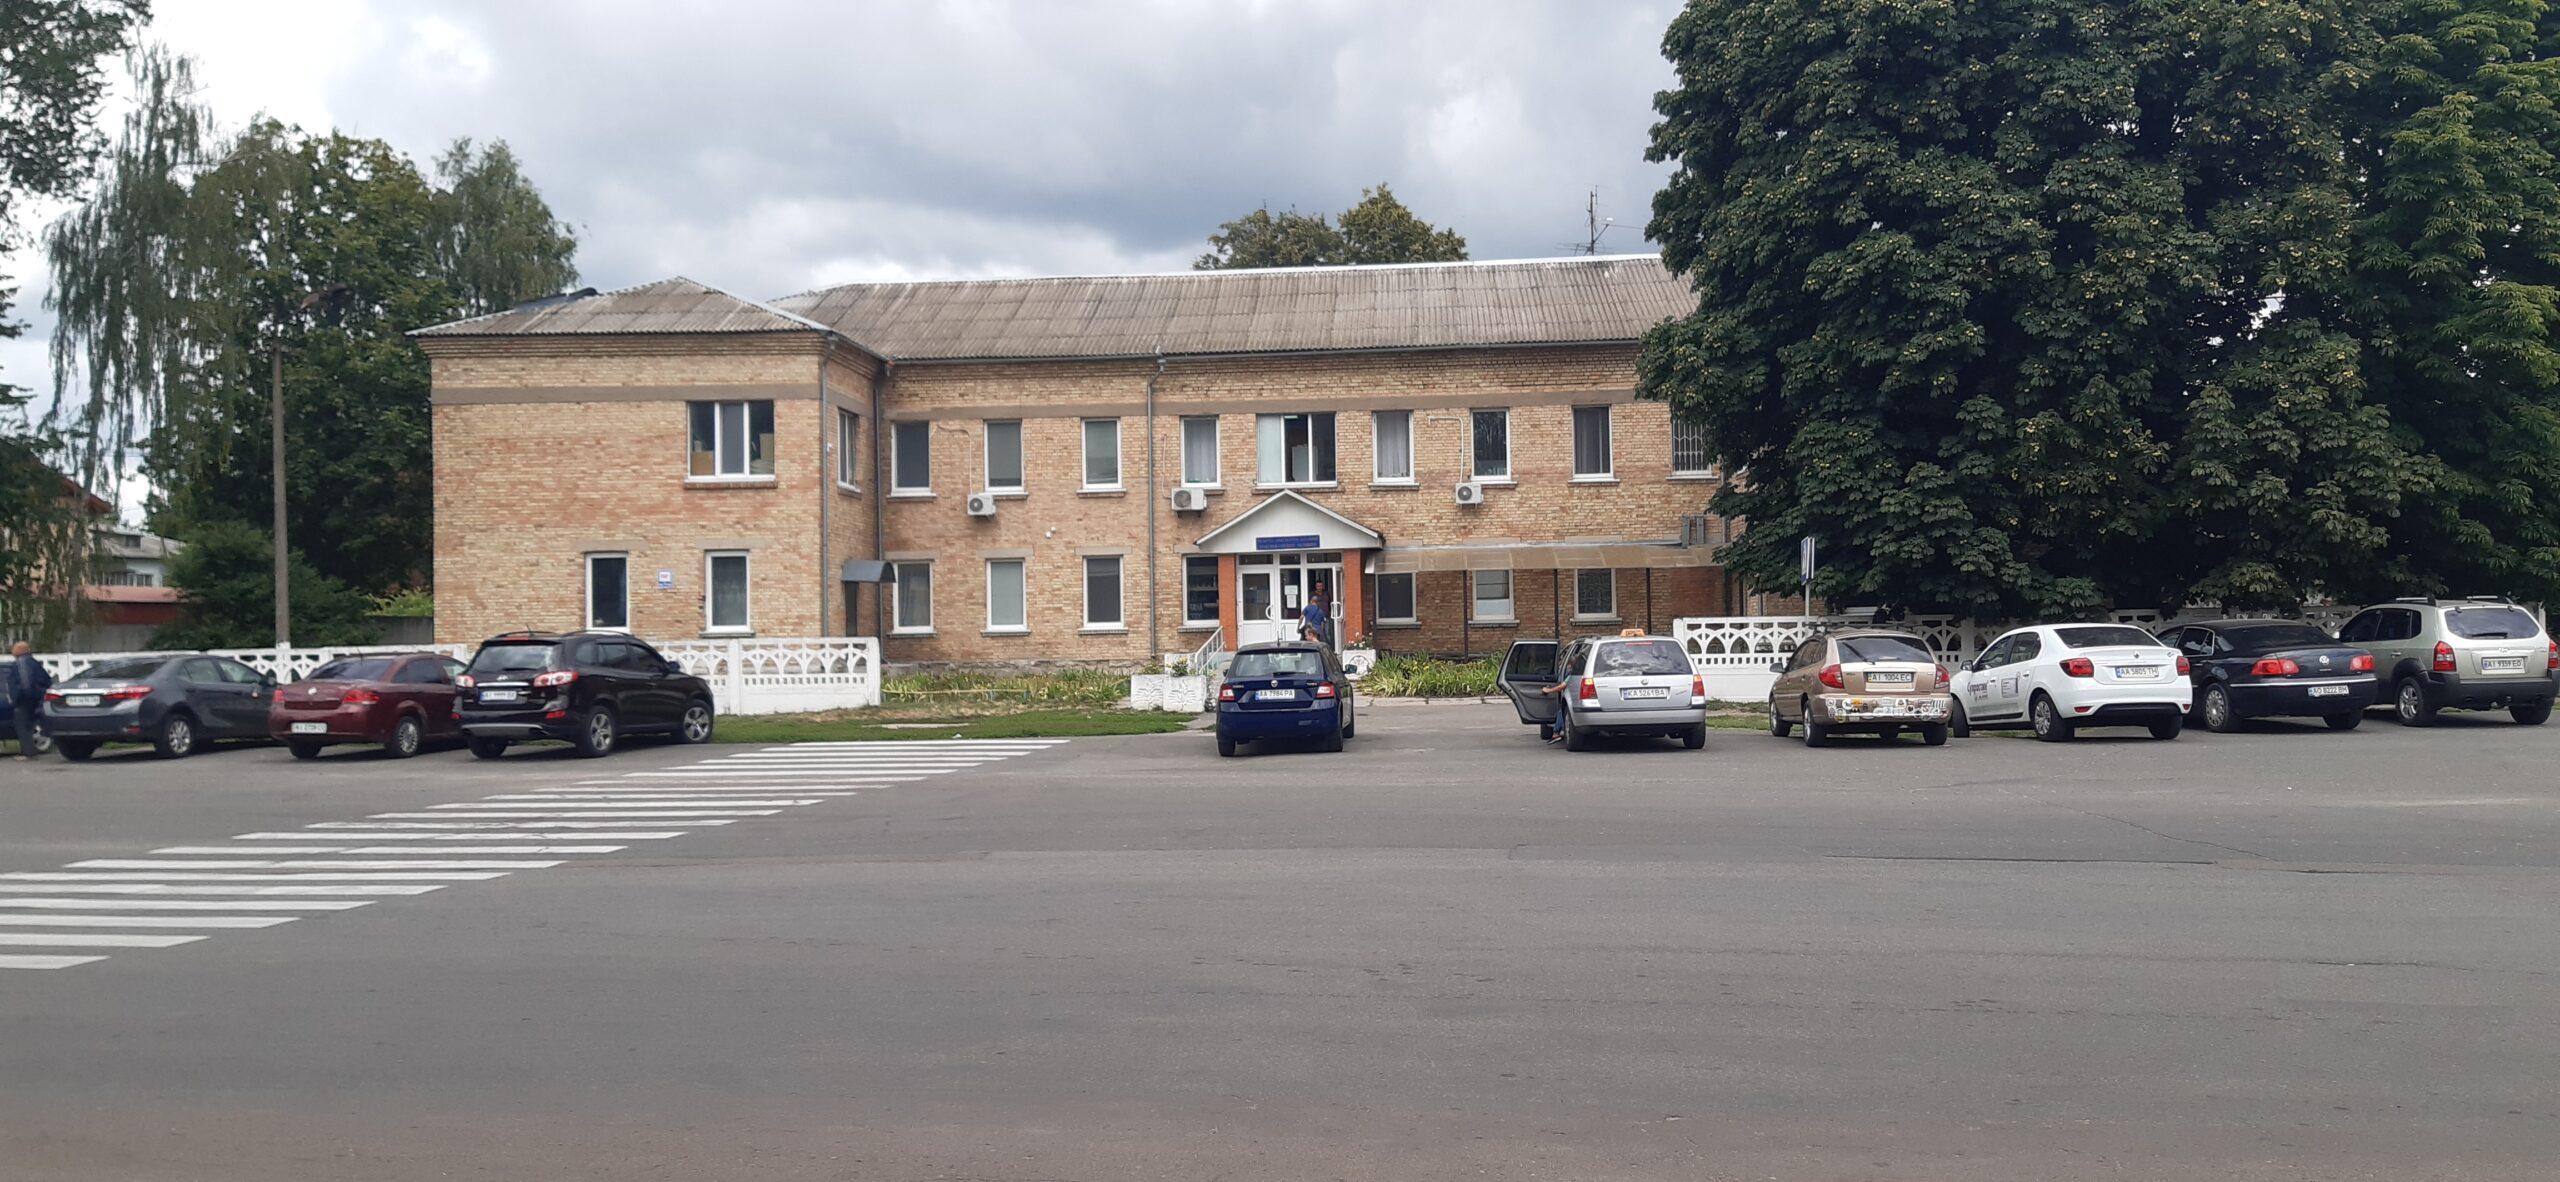 У Борисполі жінка із температурою 39 не могла потрапити до лікаря - лікарня, коронавірус, жінка, Бориспіль - 20200813 122442 scaled